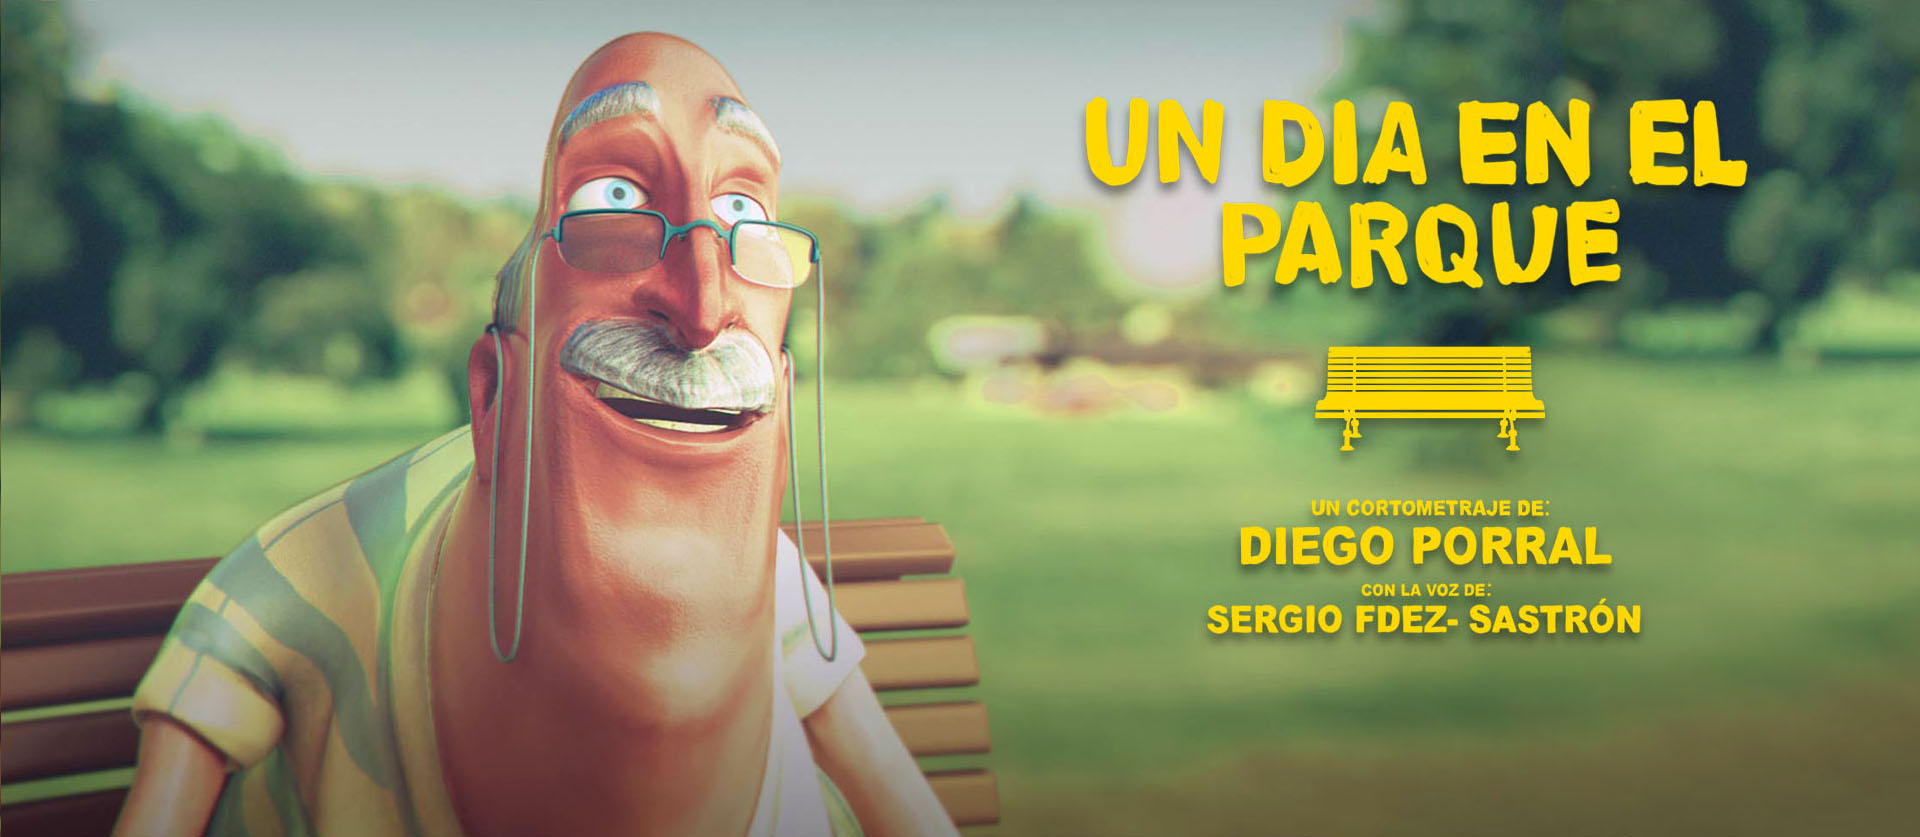 Un dia en el parque - VI Festival de Cortos de Arenas de San Pedro - TiétarTeVe